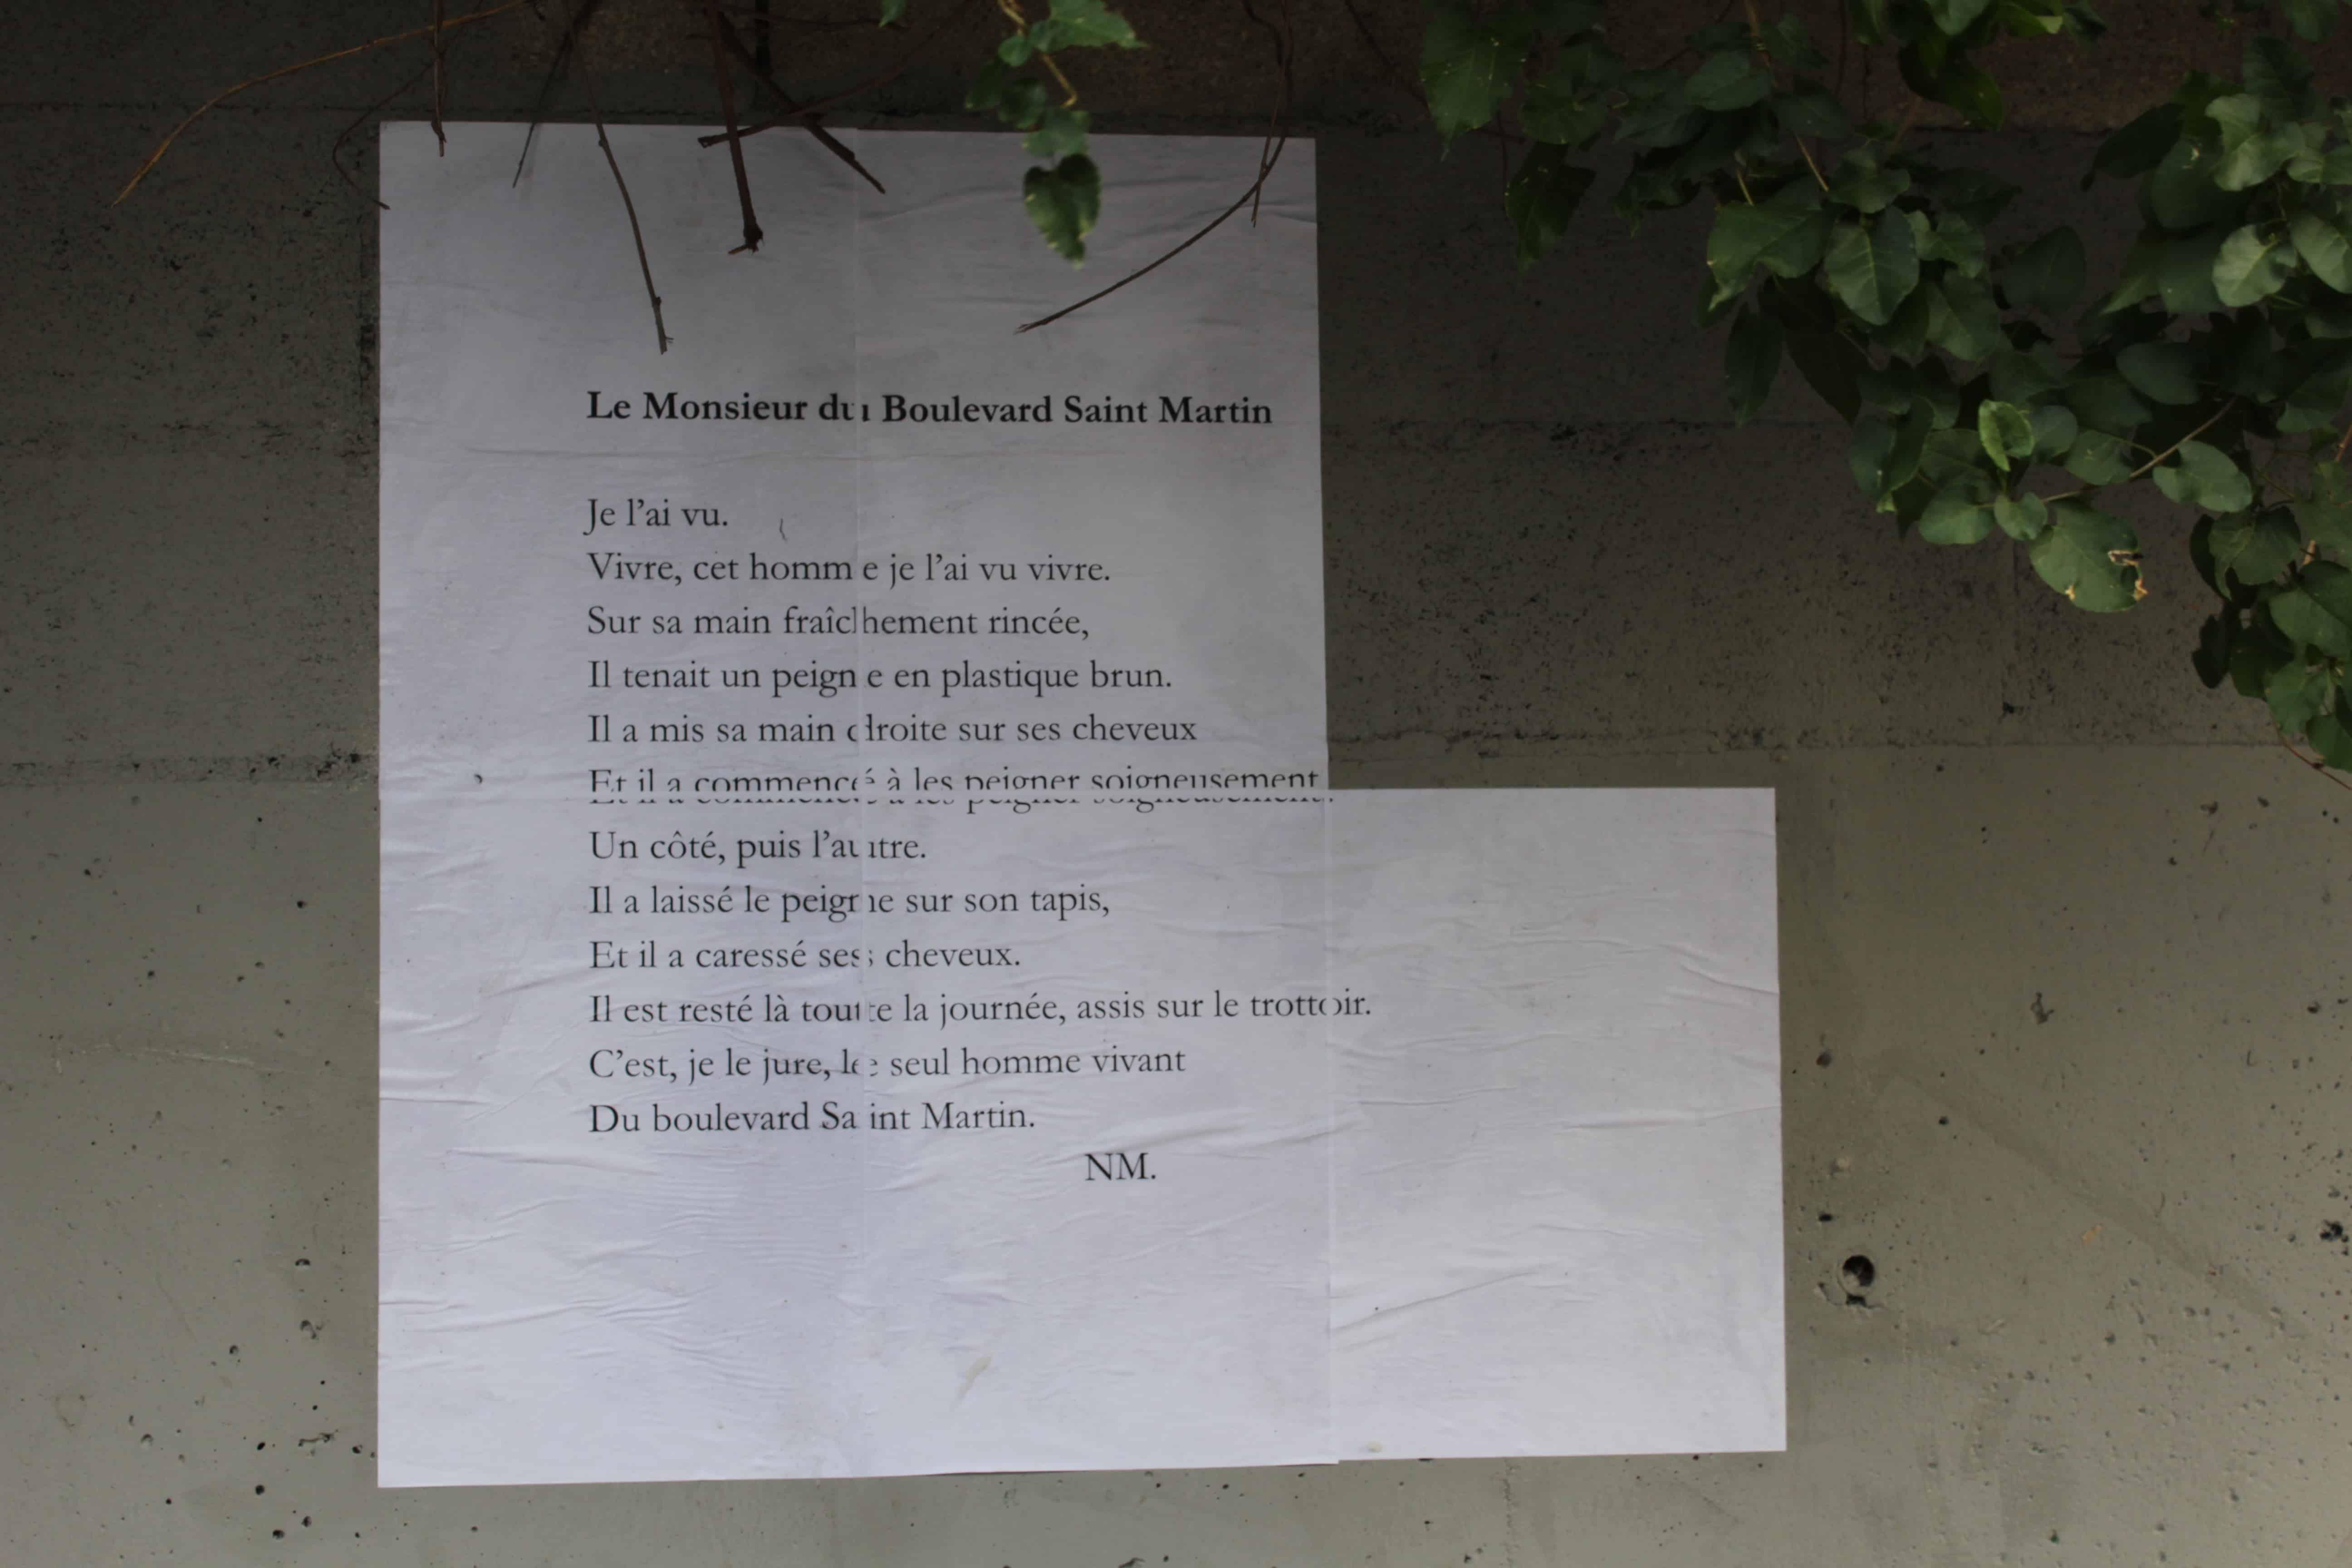 le monsieur du boulevard saint martin, csbv belleville, paris, nathalie man, poésie